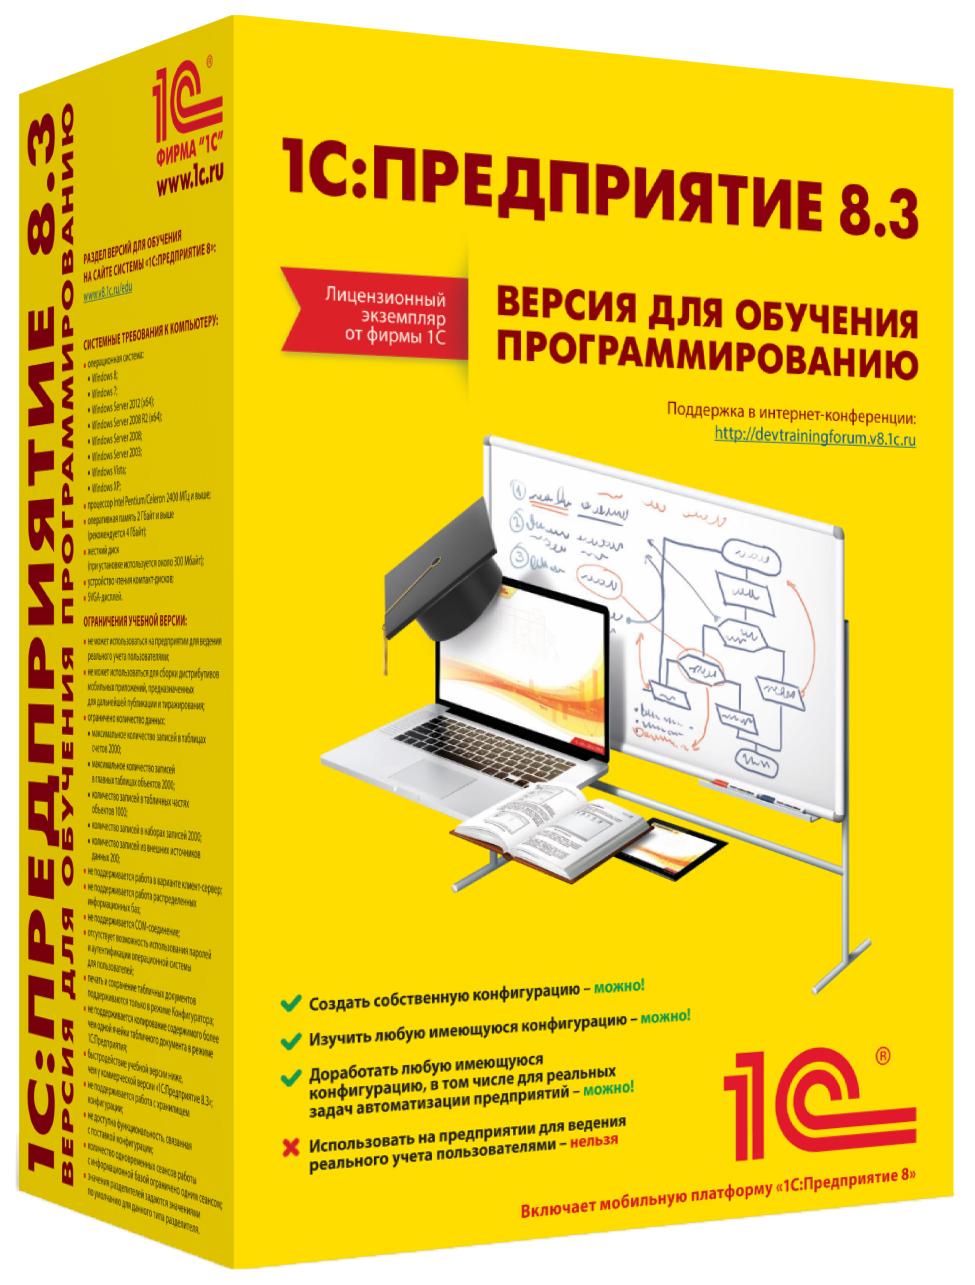 Программное обеспечение 1С Предприятие 8.3